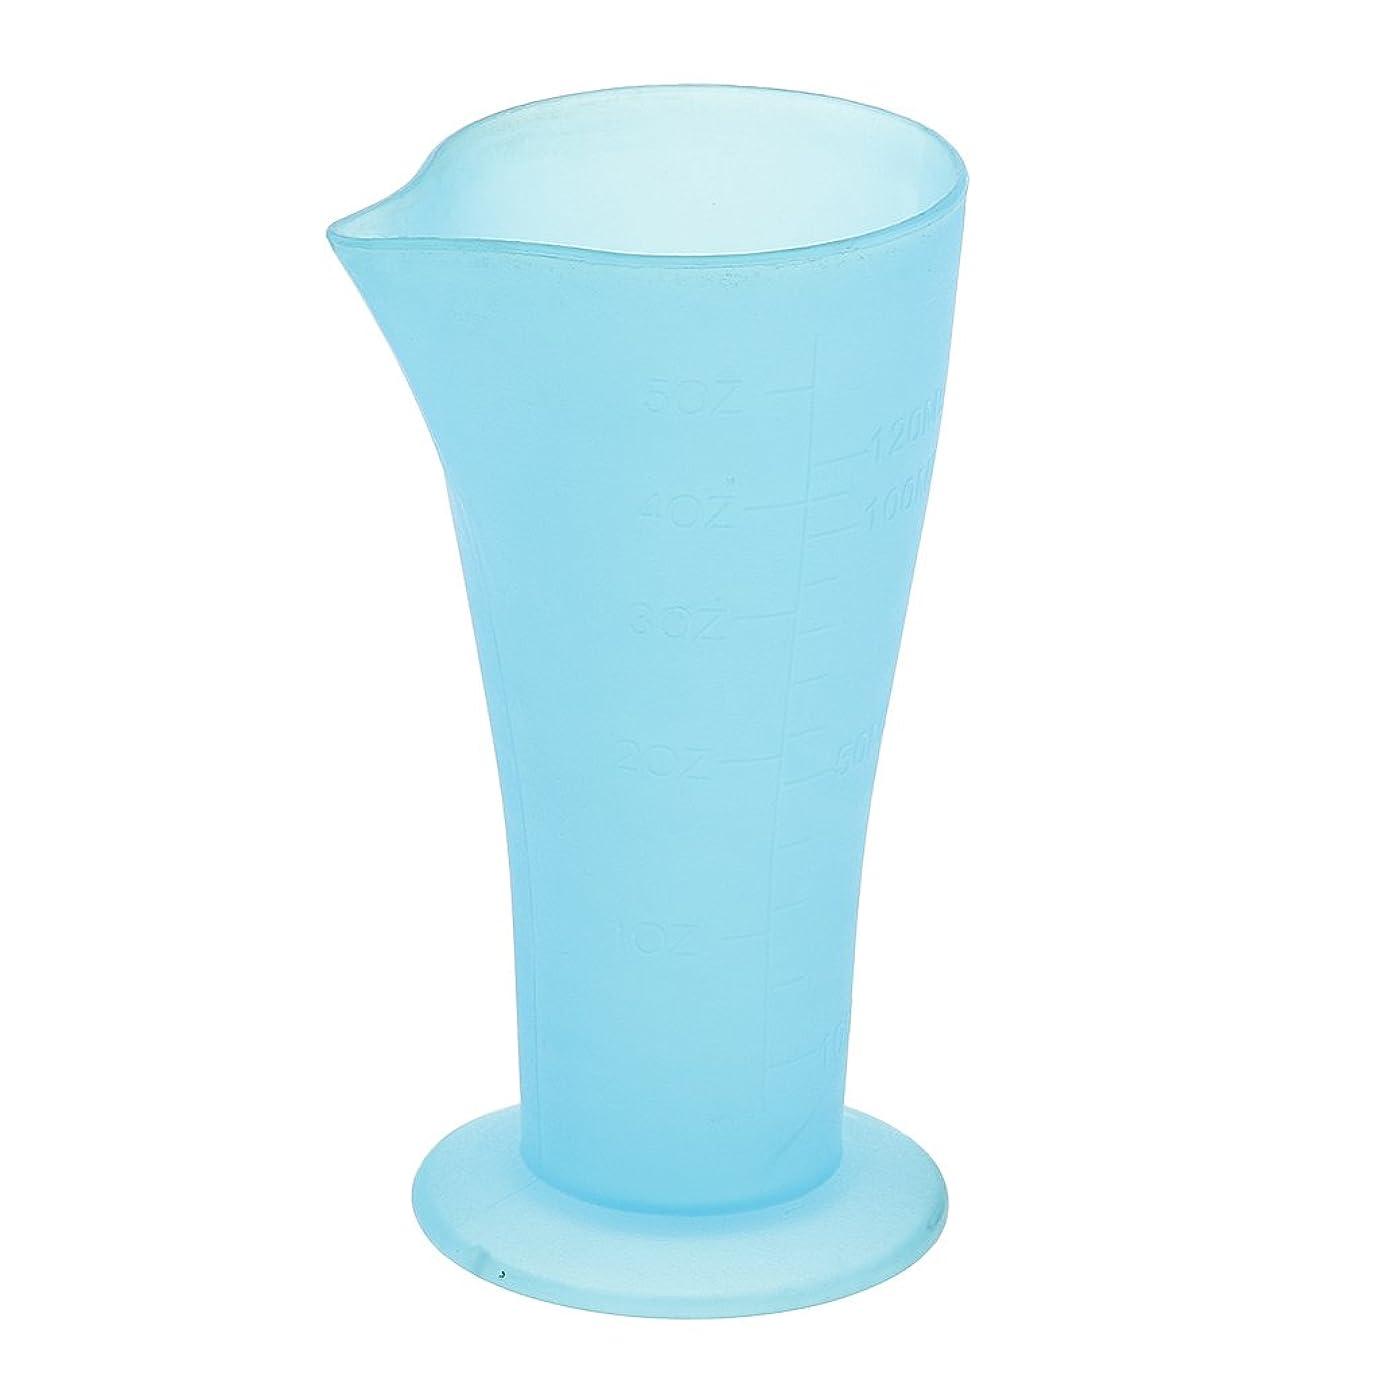 文書き出す助けになるCUTICATE 計量カップ ヘアダイカップ ヘアカラーカップ 再使用可 120mL ヘアサロン